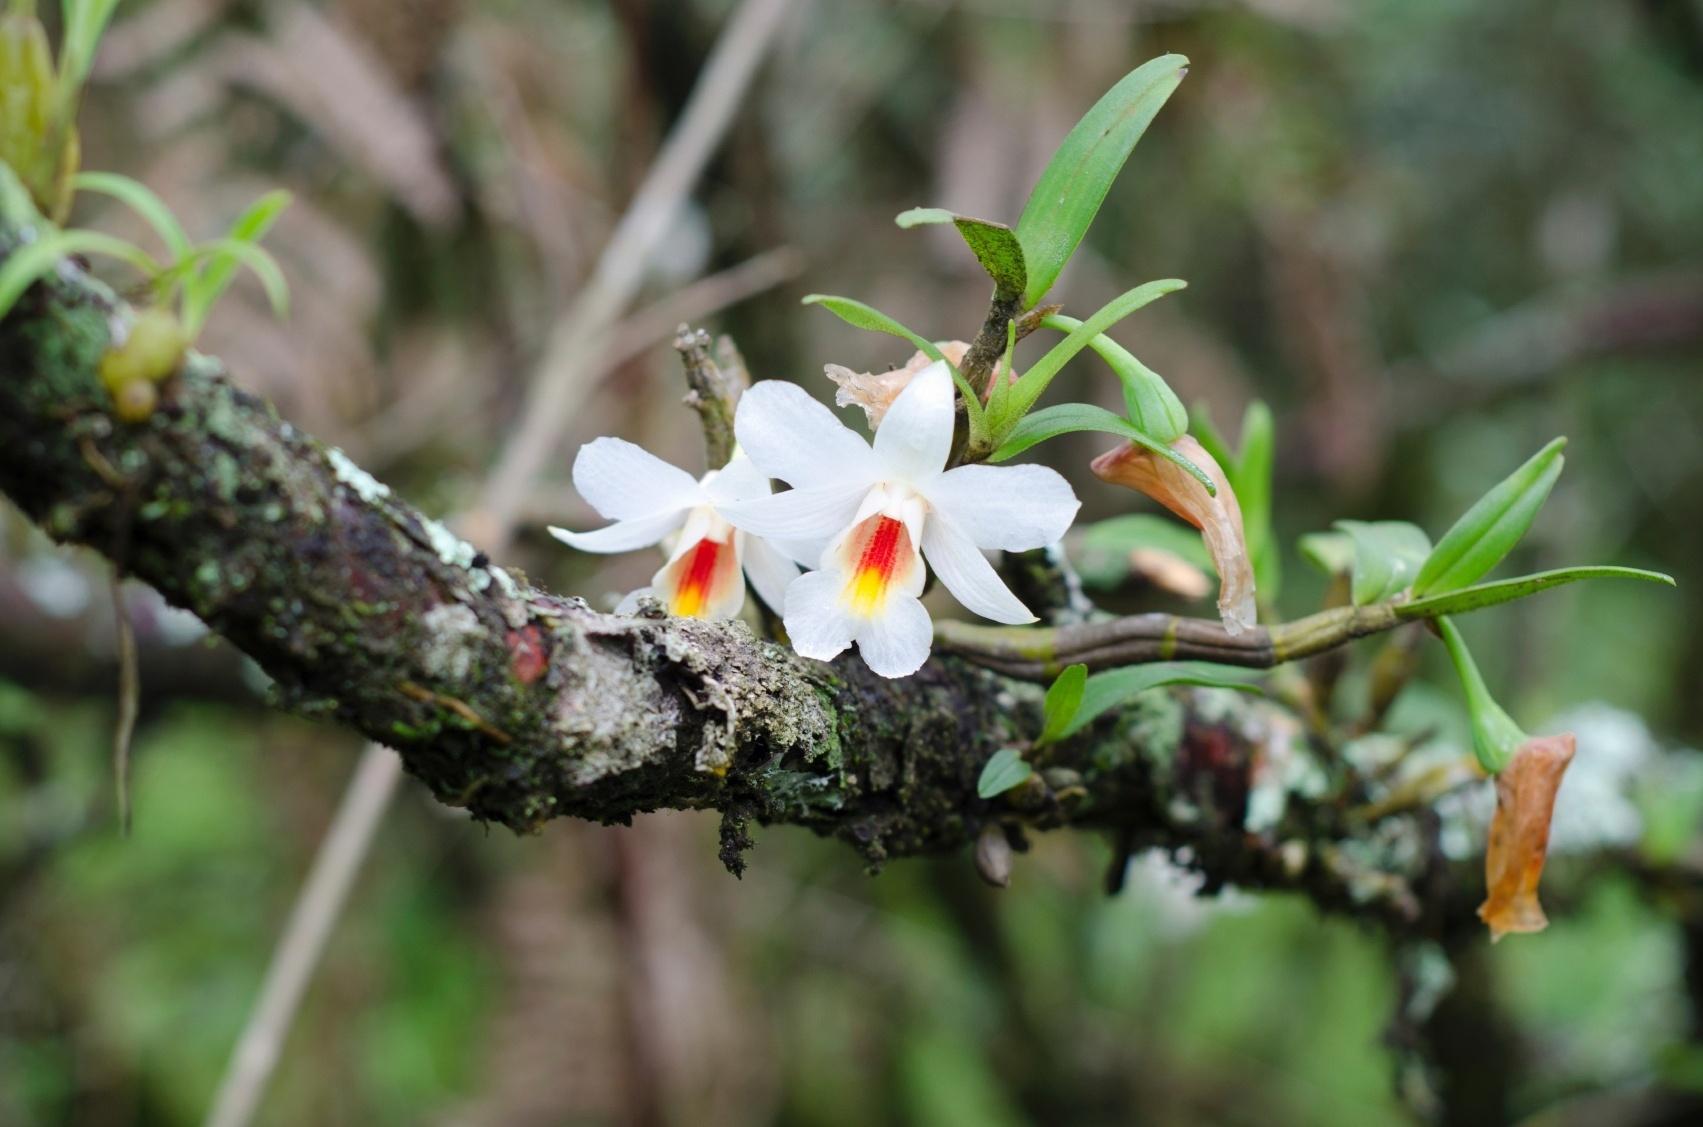 É possível cultivar orquídeas em troncos simulando o seu habitat natural.